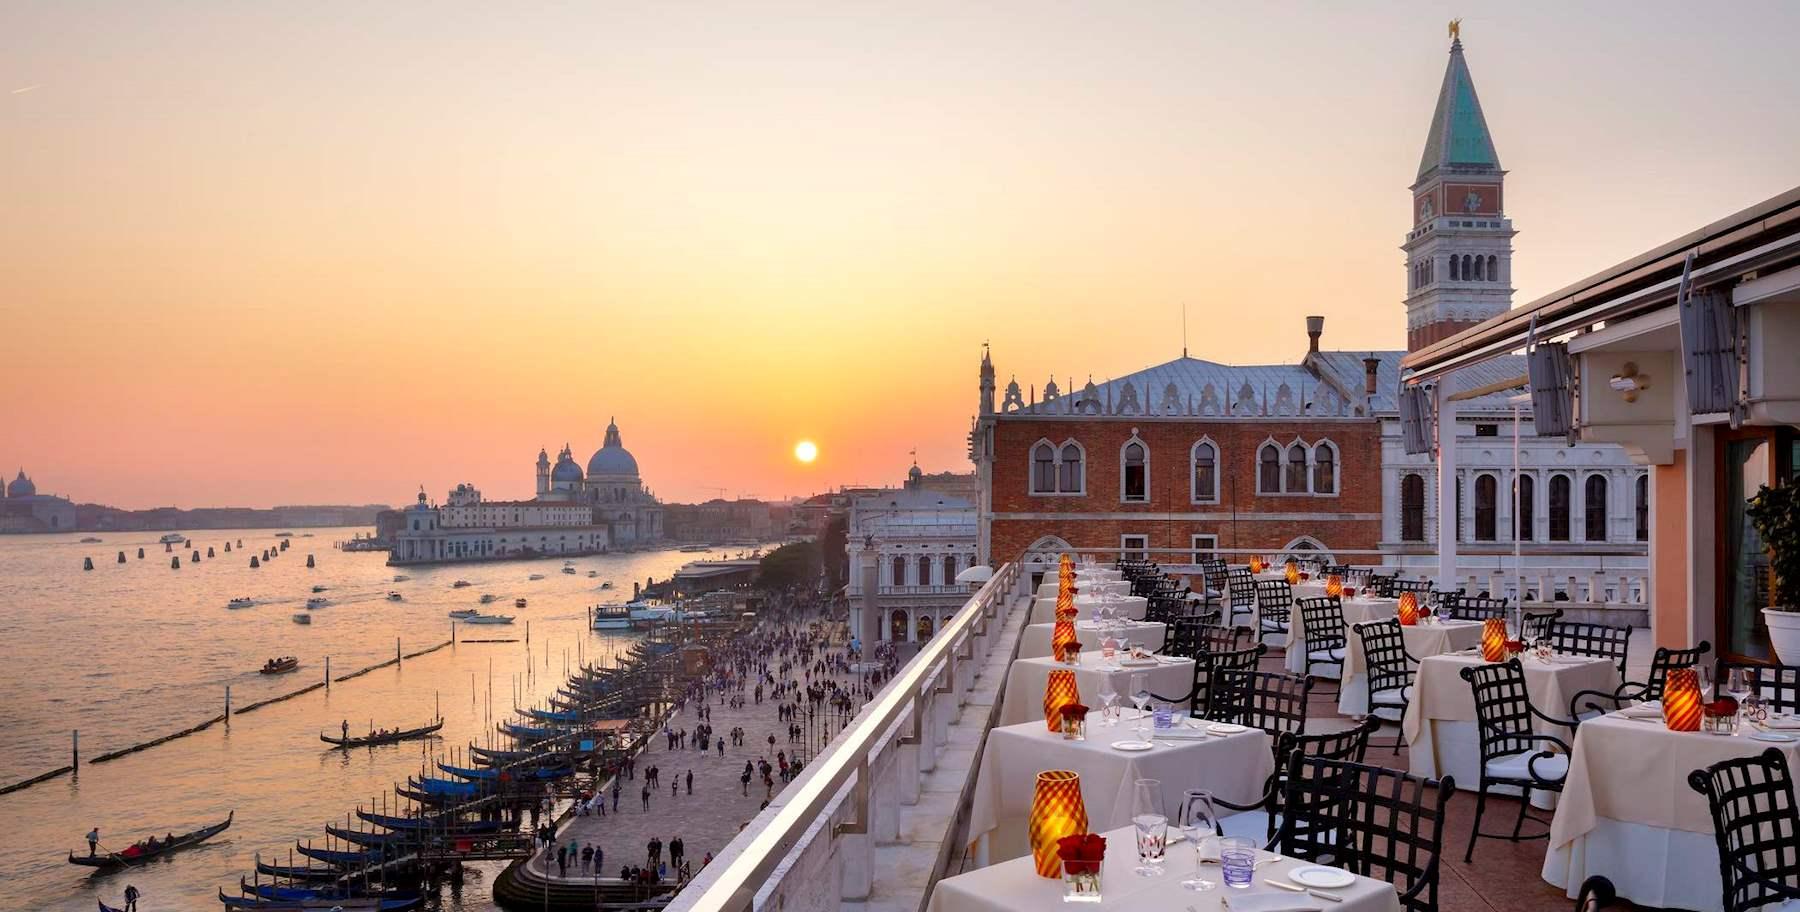 terrazza con tavoli e vista sulla laguna di Venezia ristorante Terrazza Danieli